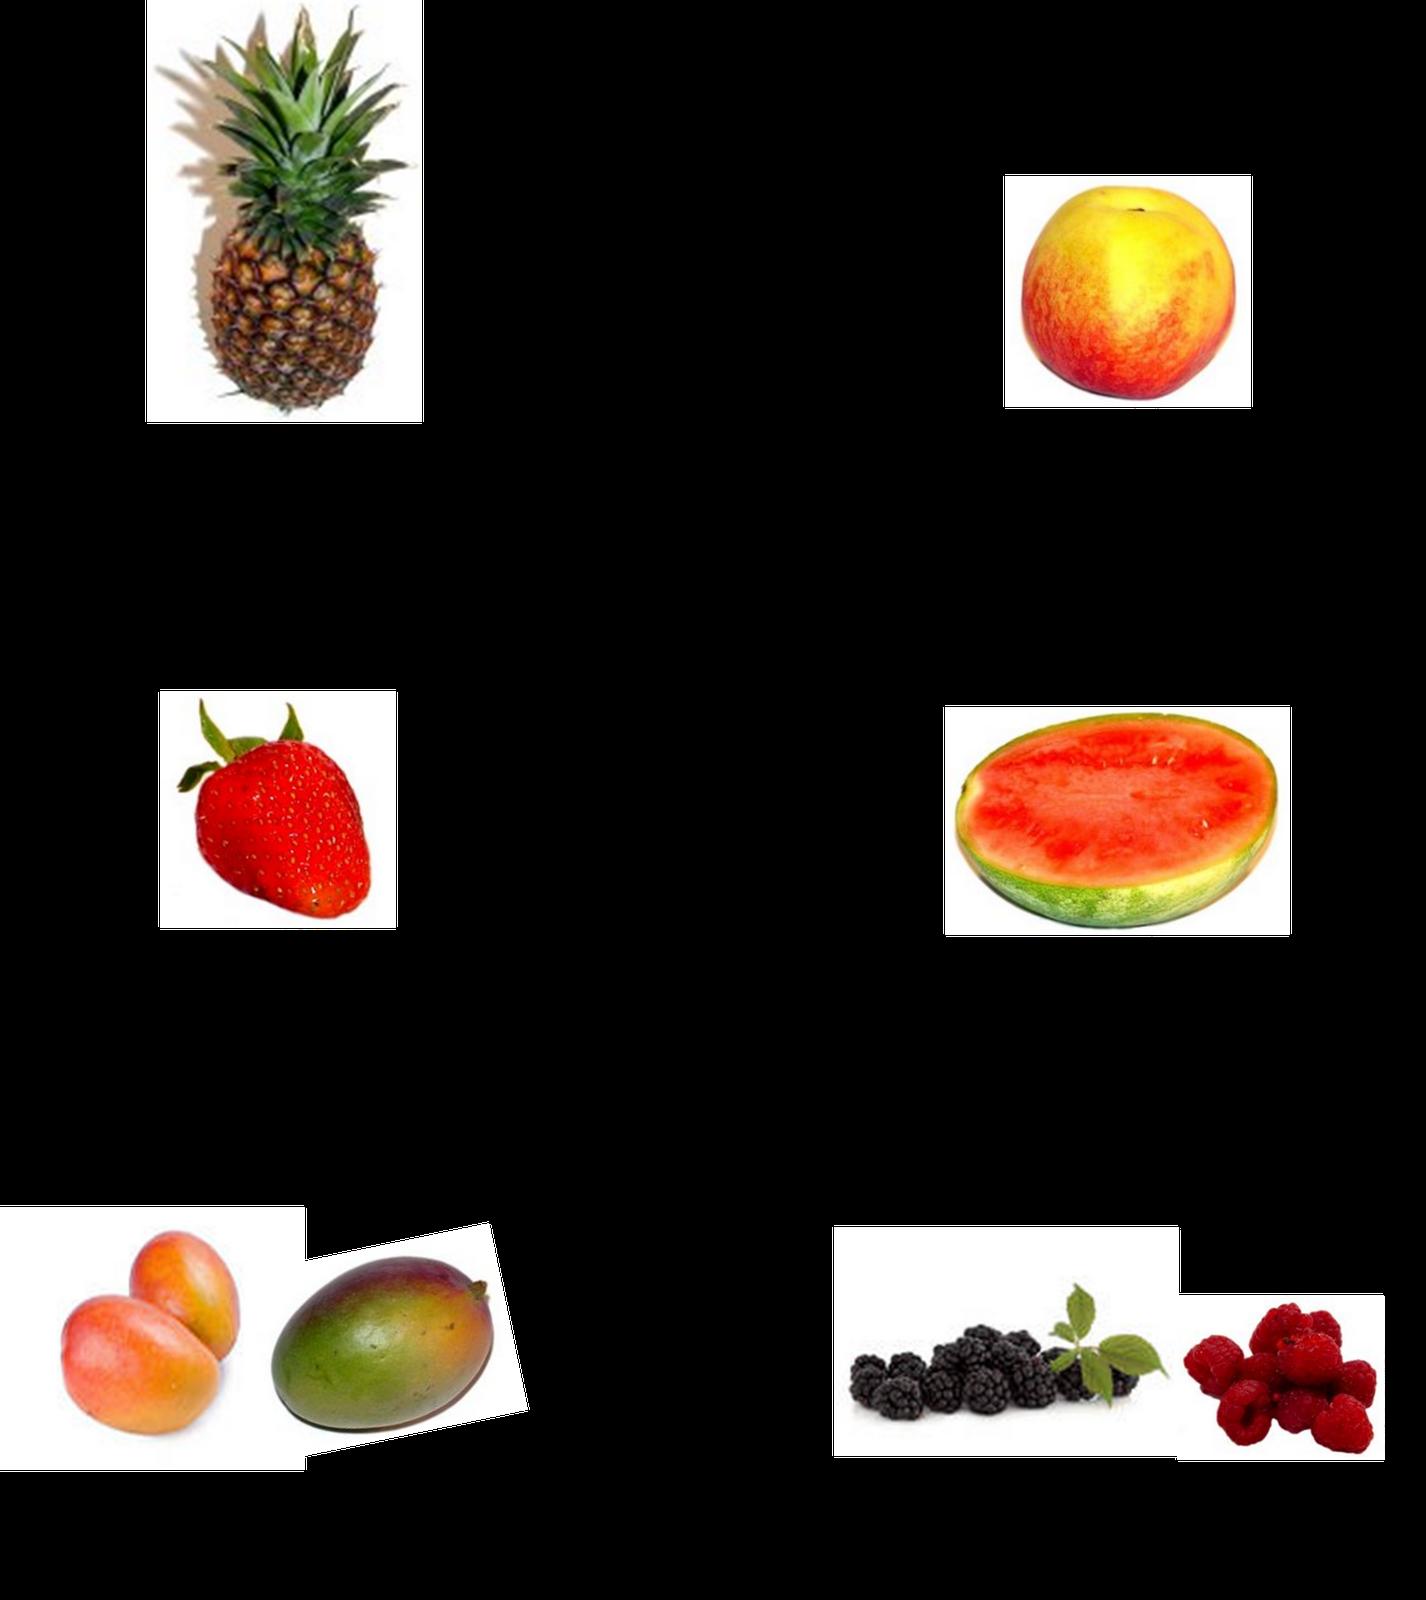 La casa del húngaro: Gyümölcsök - Frutas